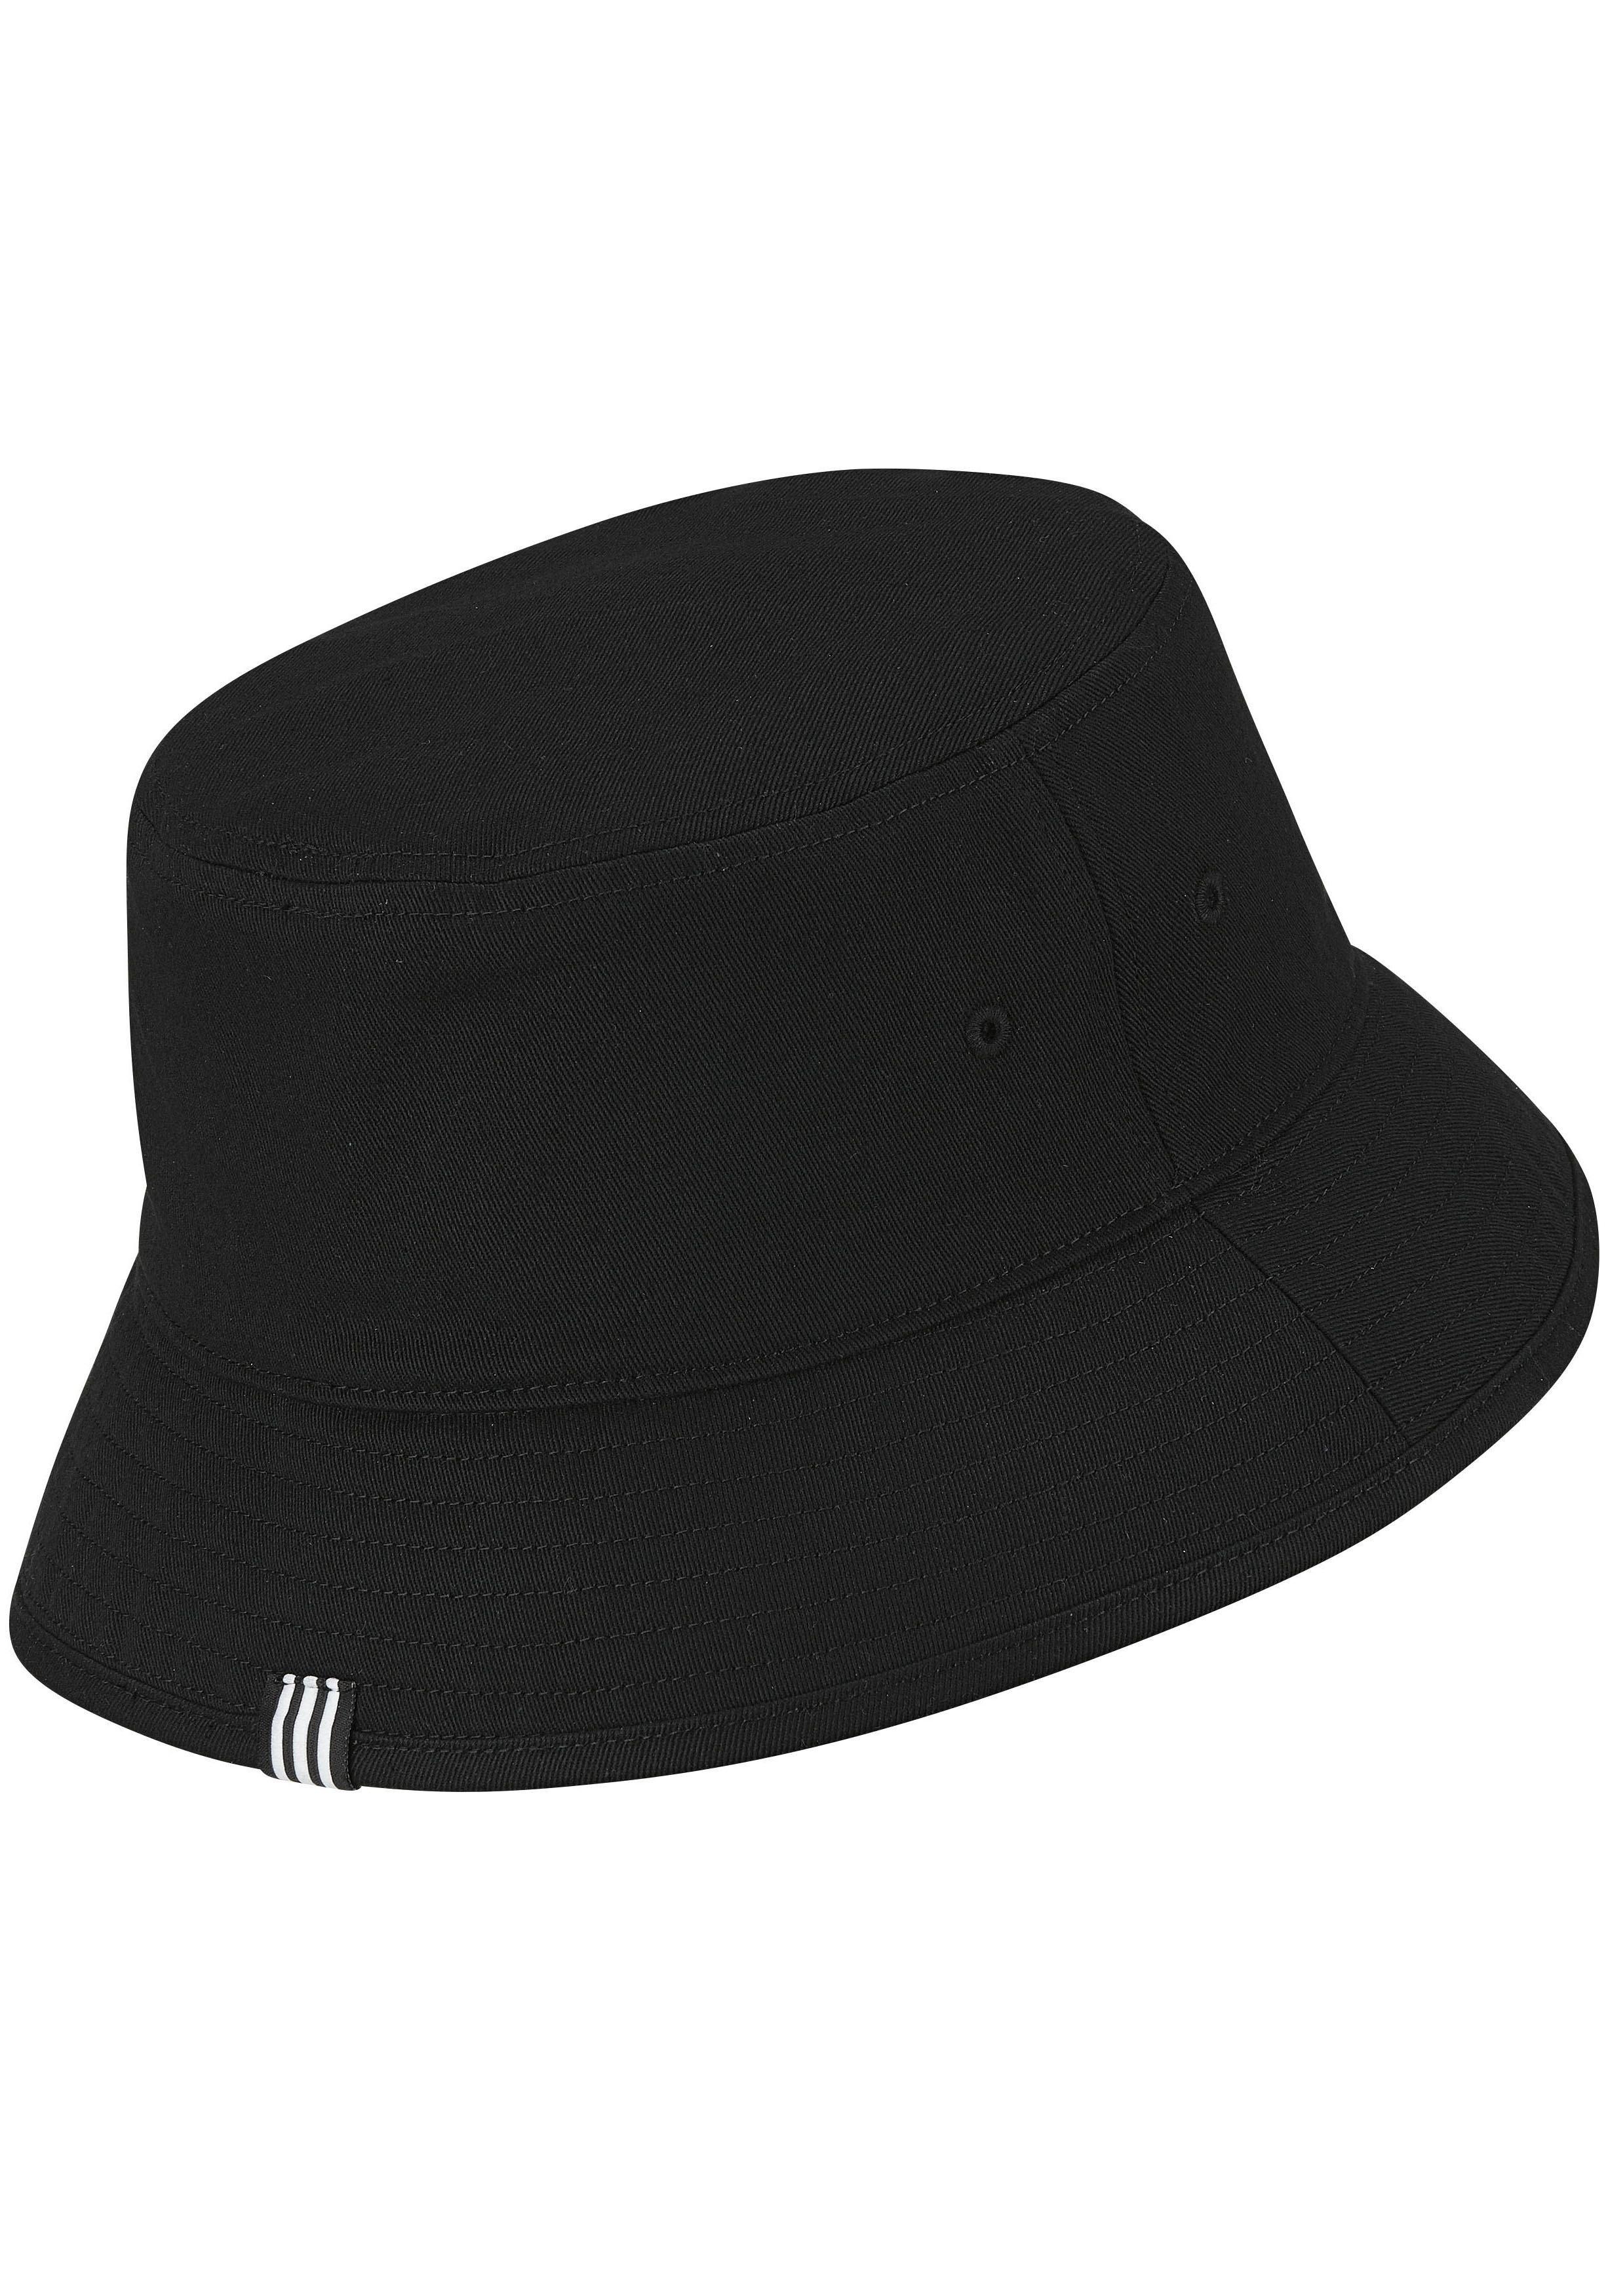 adidas Originals vissershoed »BUCKET HAT« voordelig en veilig online kopen